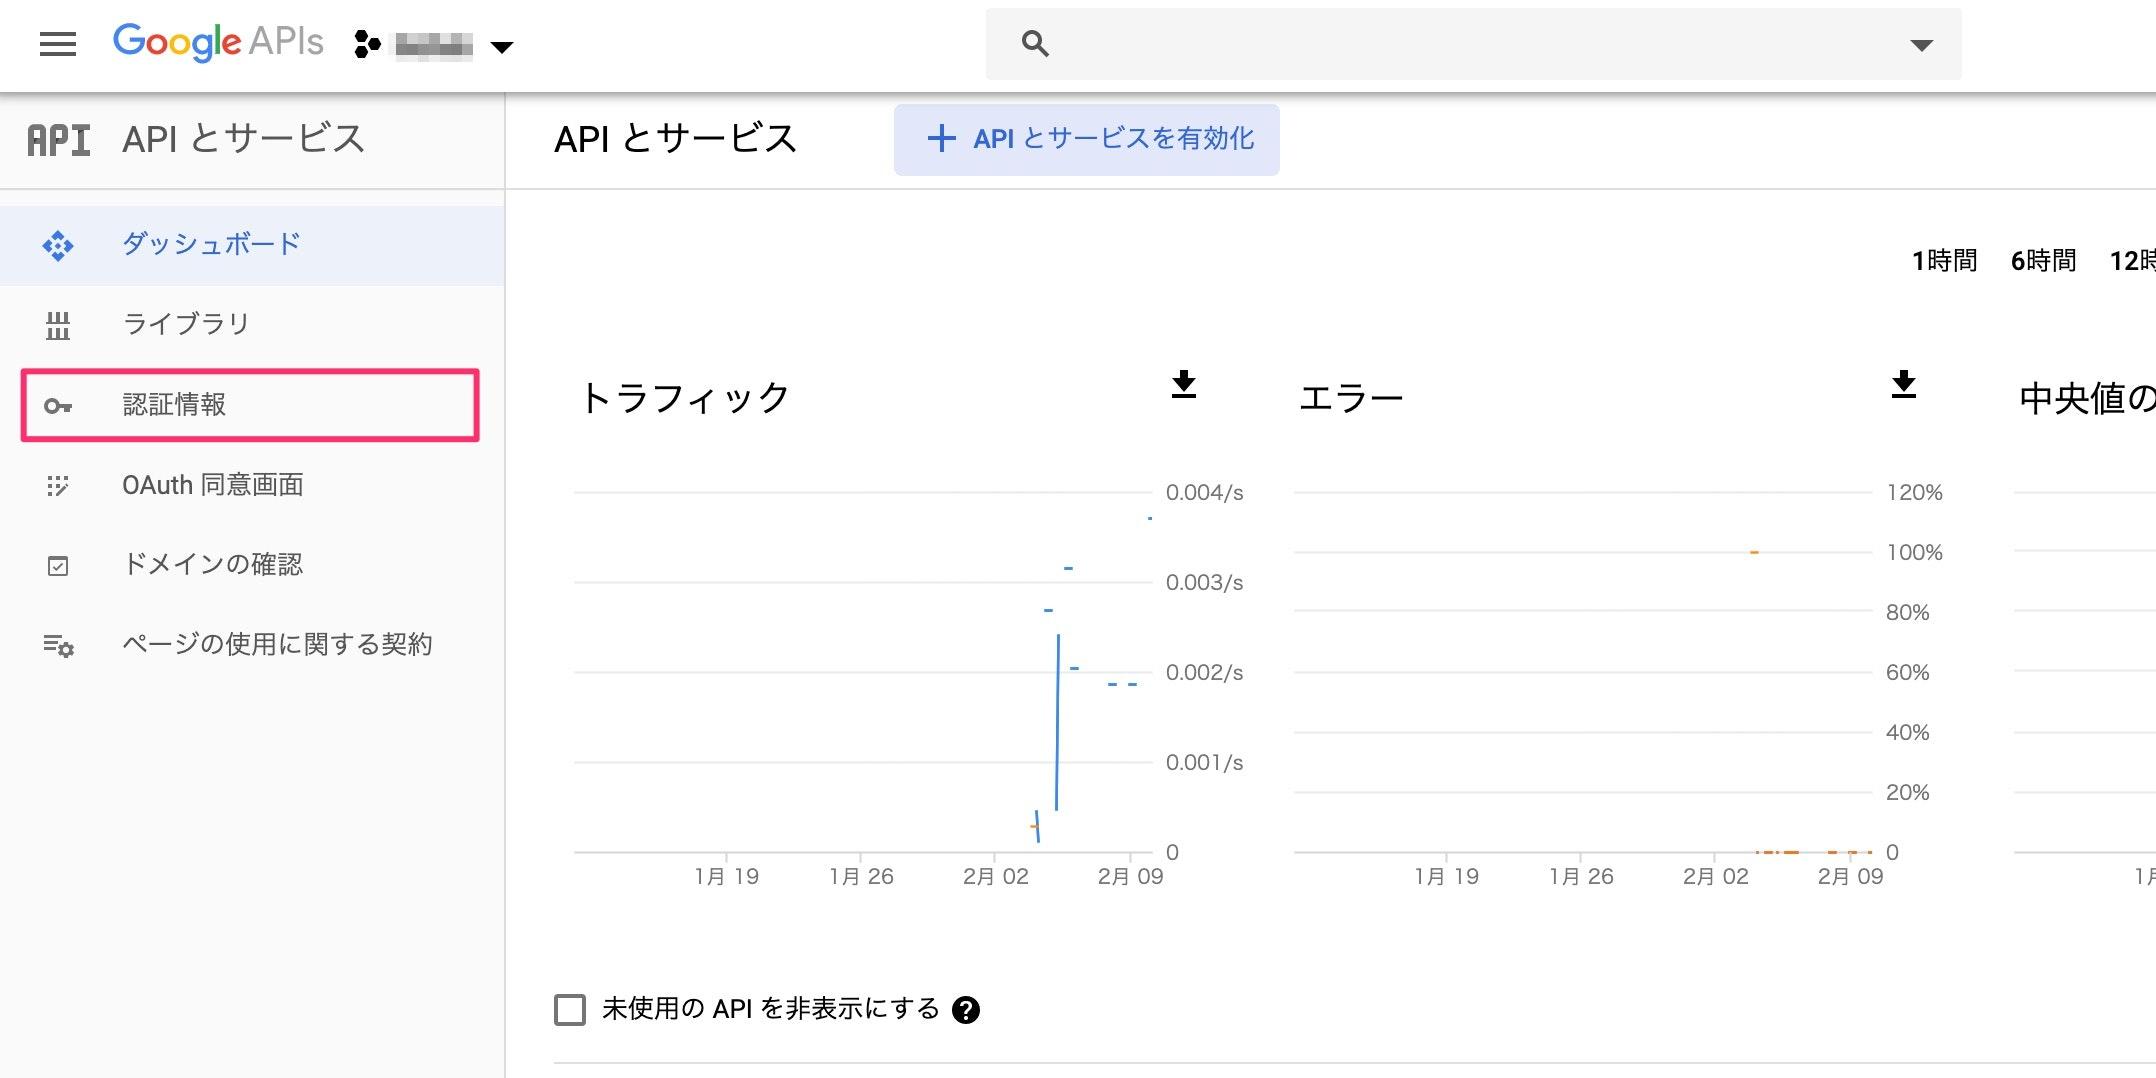 スクリーンショット_2020-02-10_2_22_27.jpg